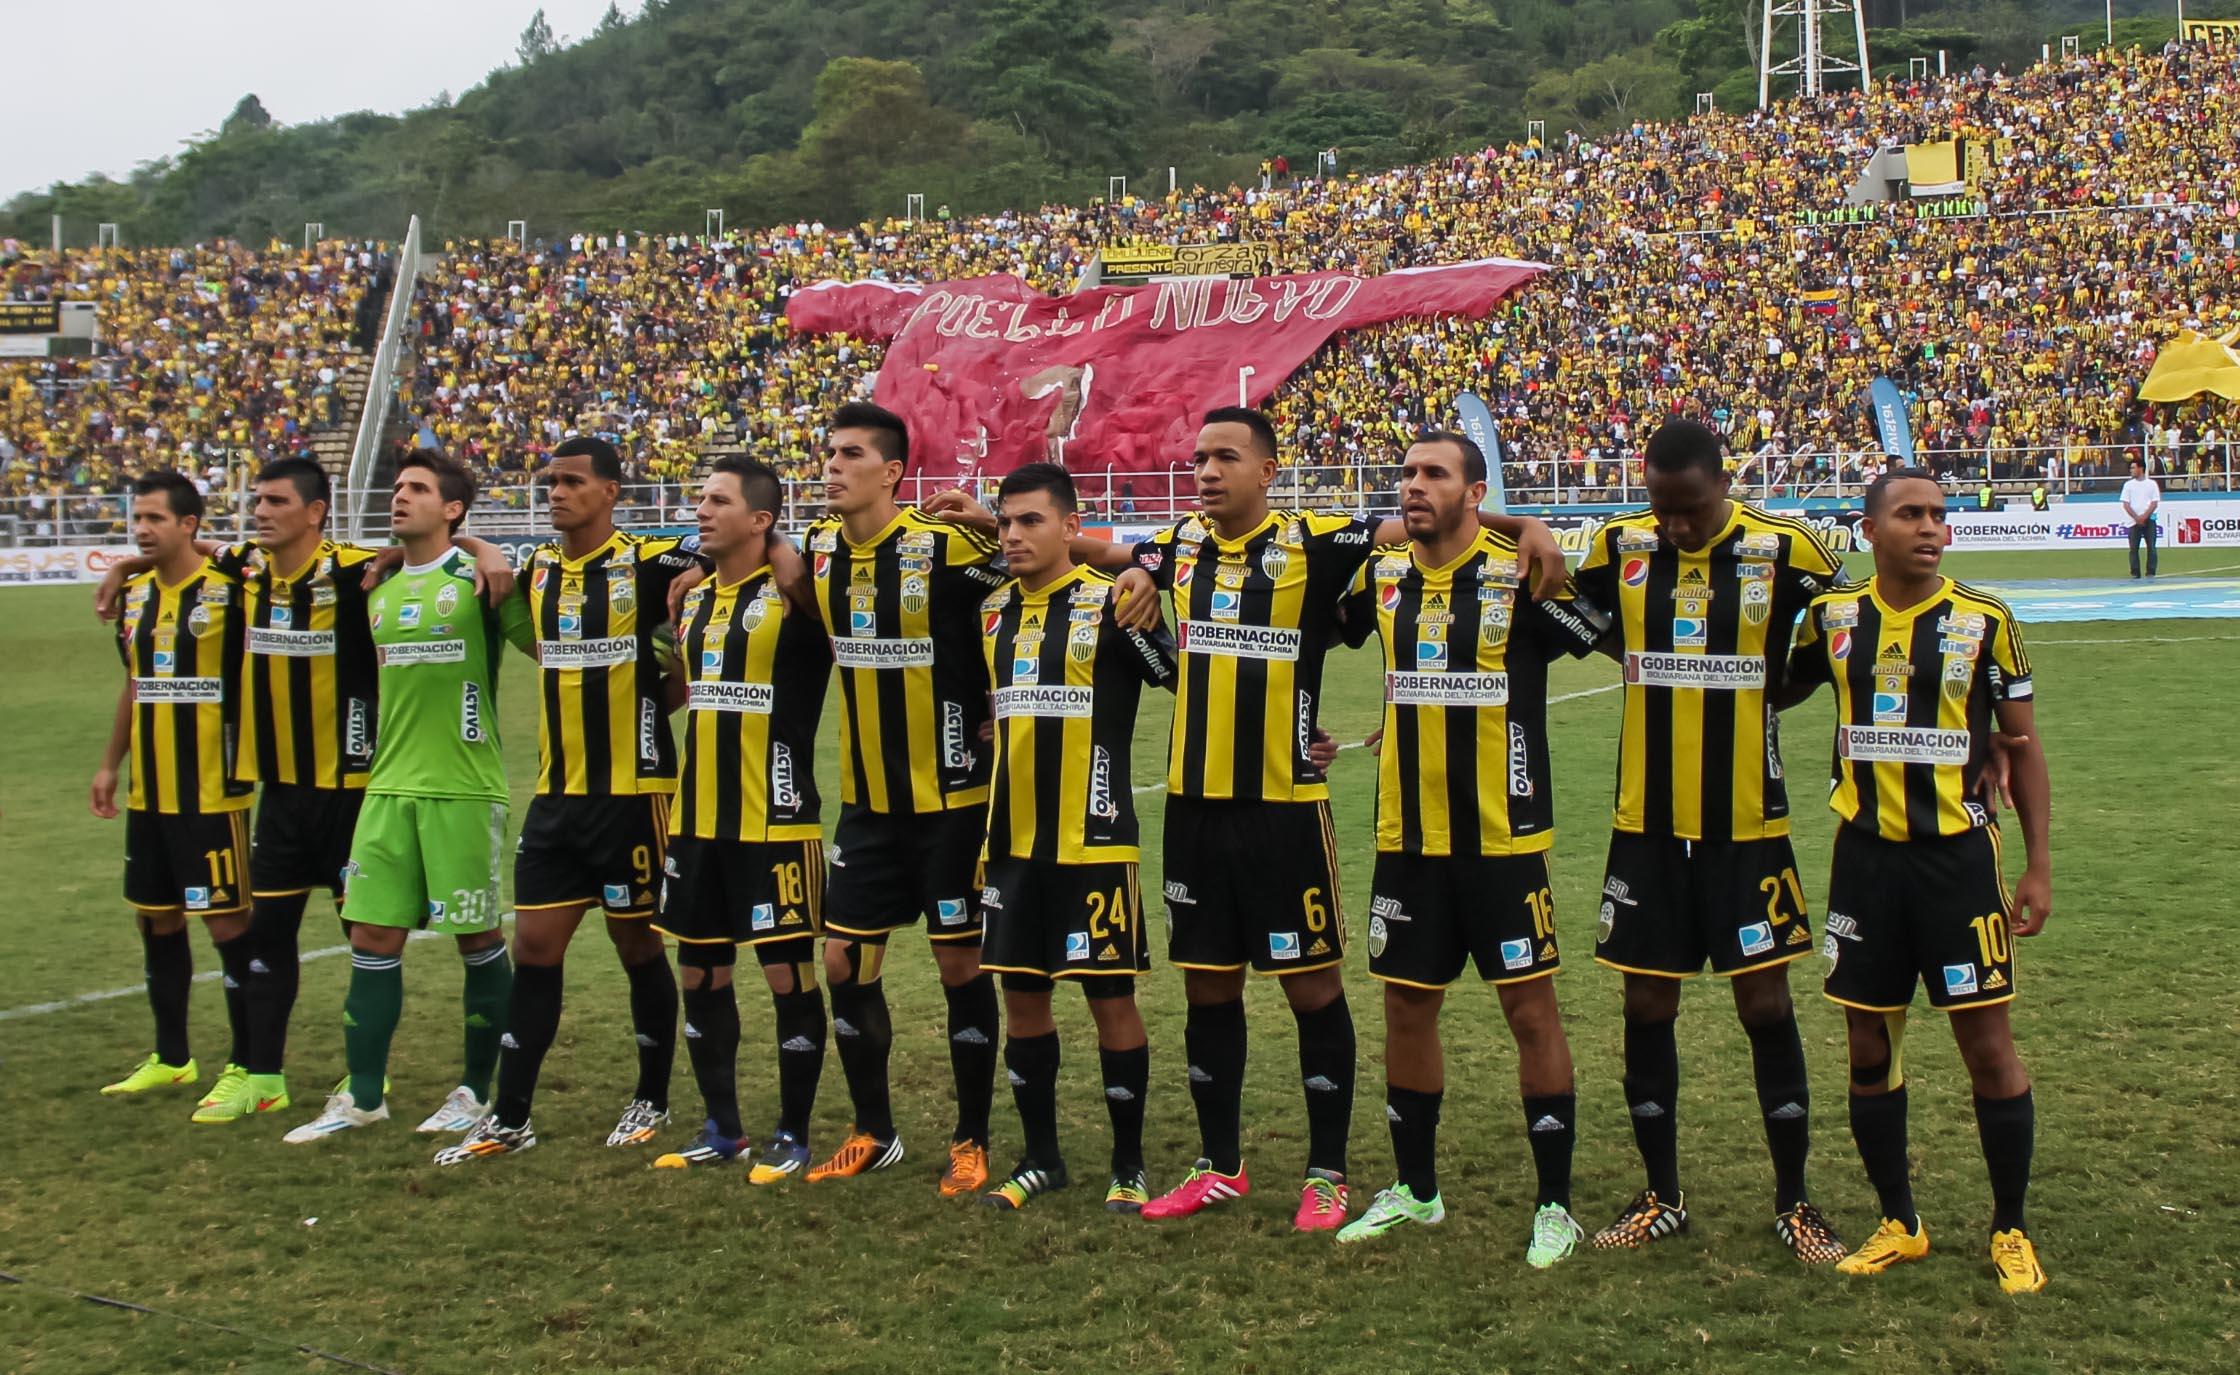 Primera Division Venezuela domenica 19 agosto